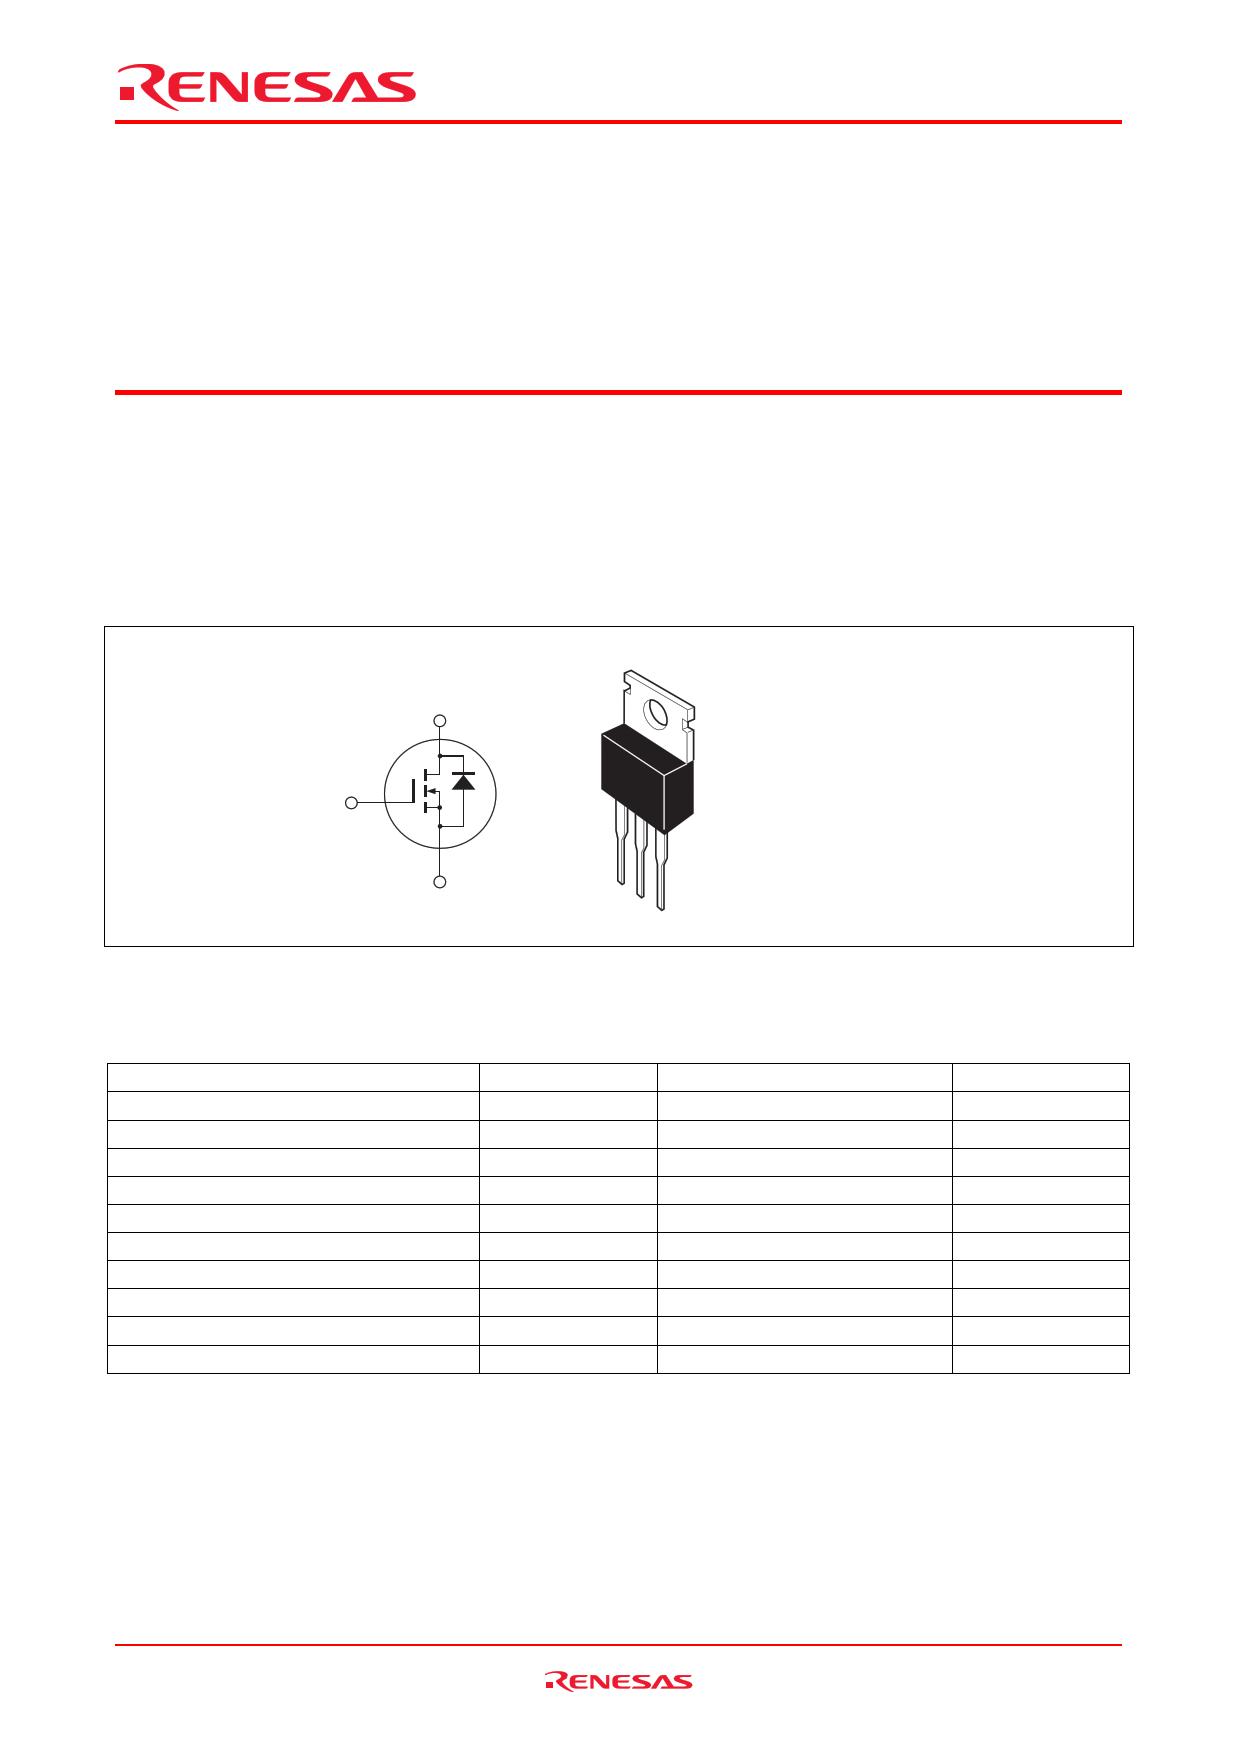 2SK3418 데이터시트 및 2SK3418 PDF